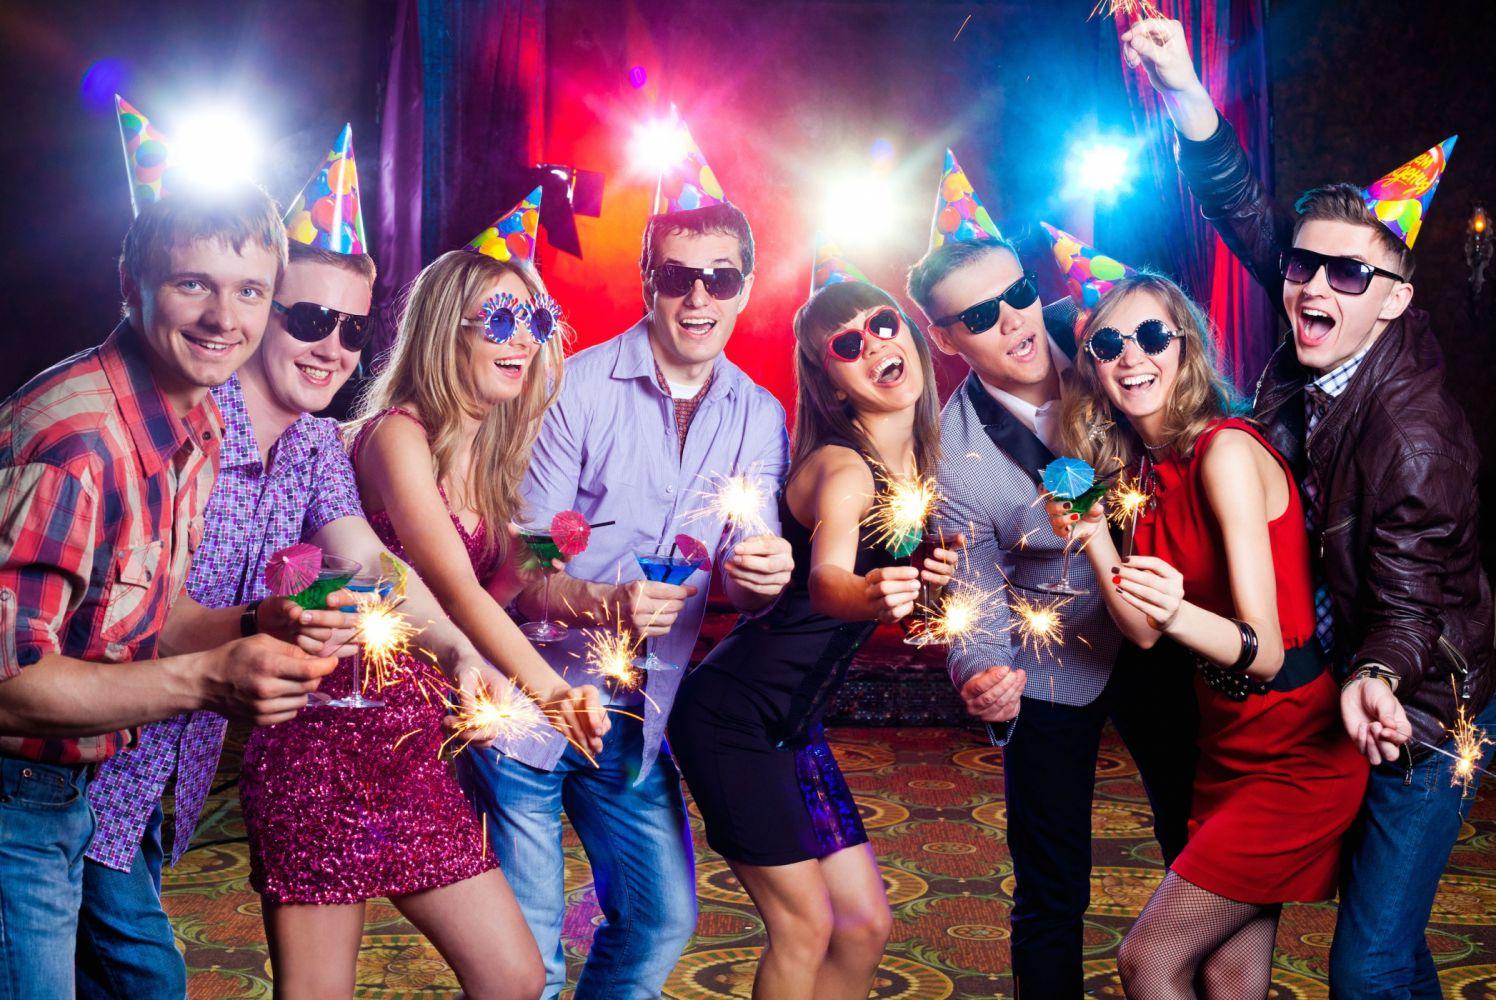 приезжали говорили, отметили день рождения друзьями прикольно фото одно